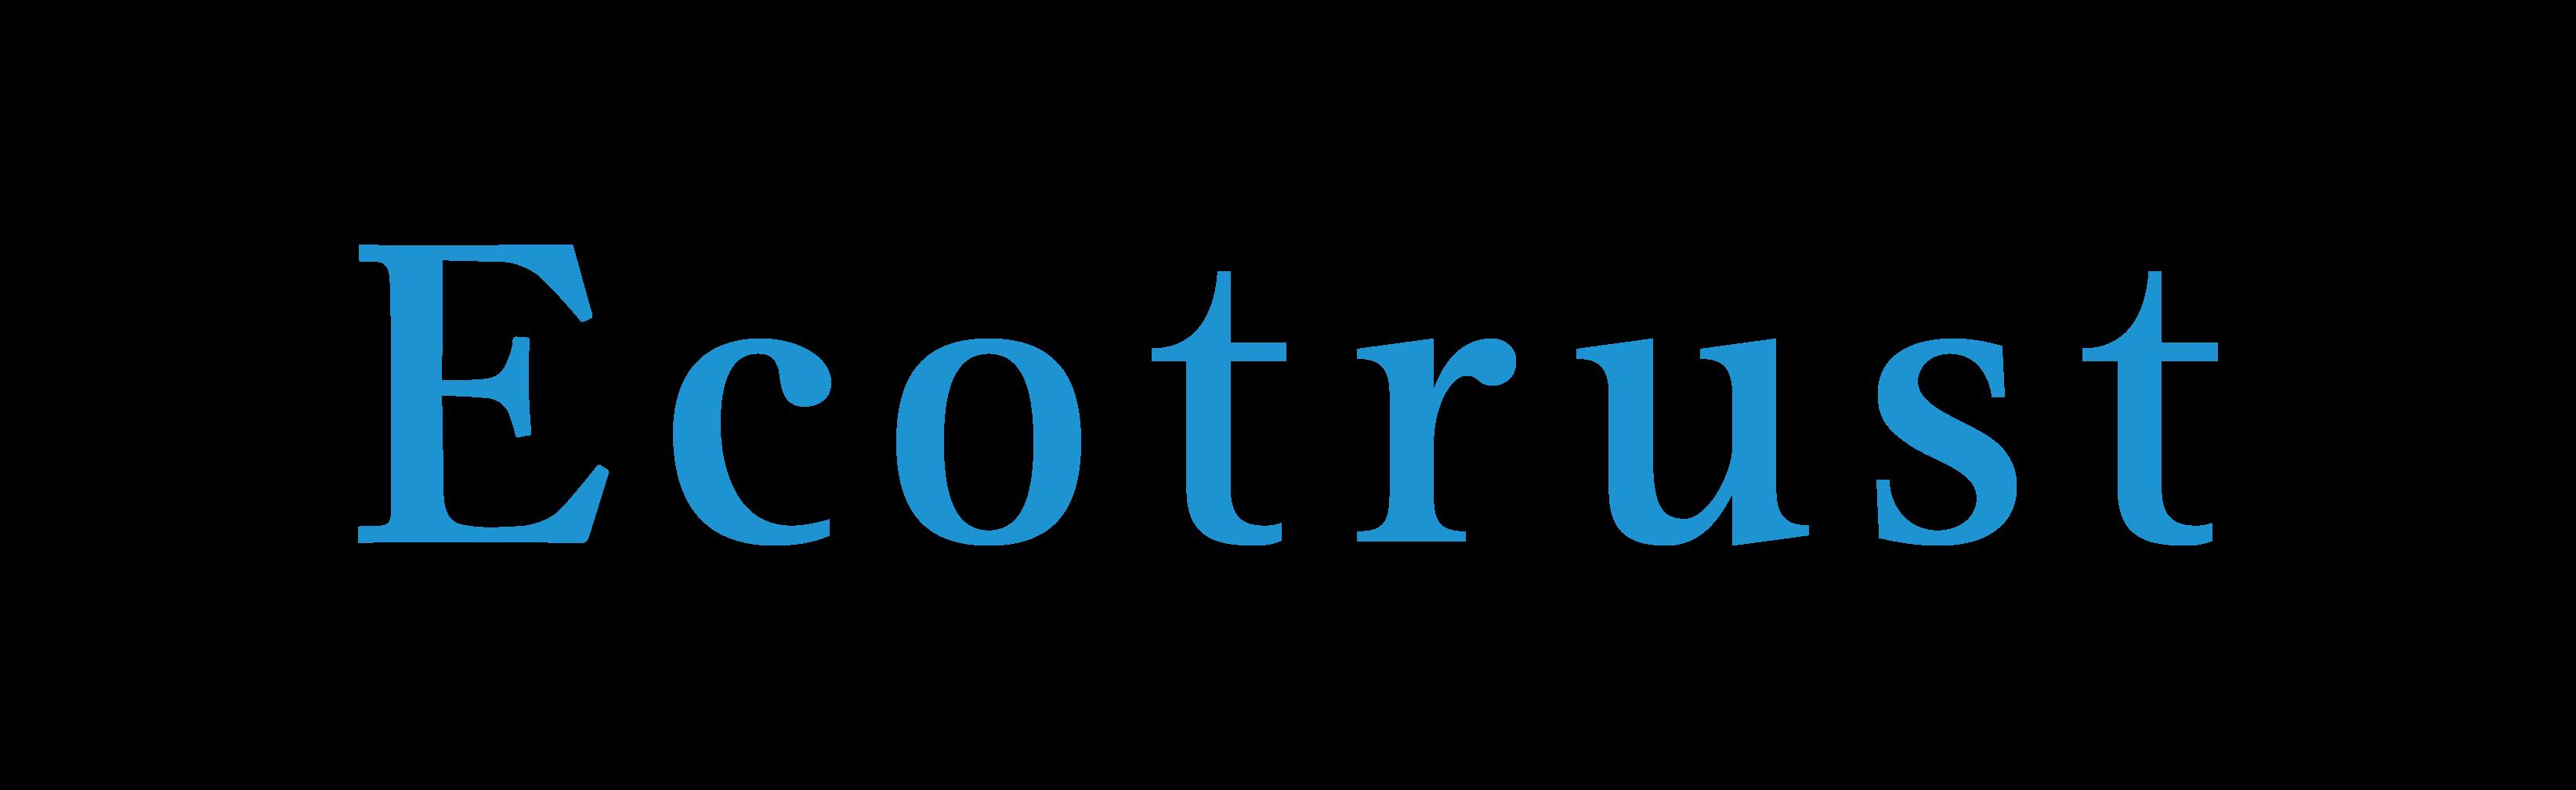 ecotrust logo